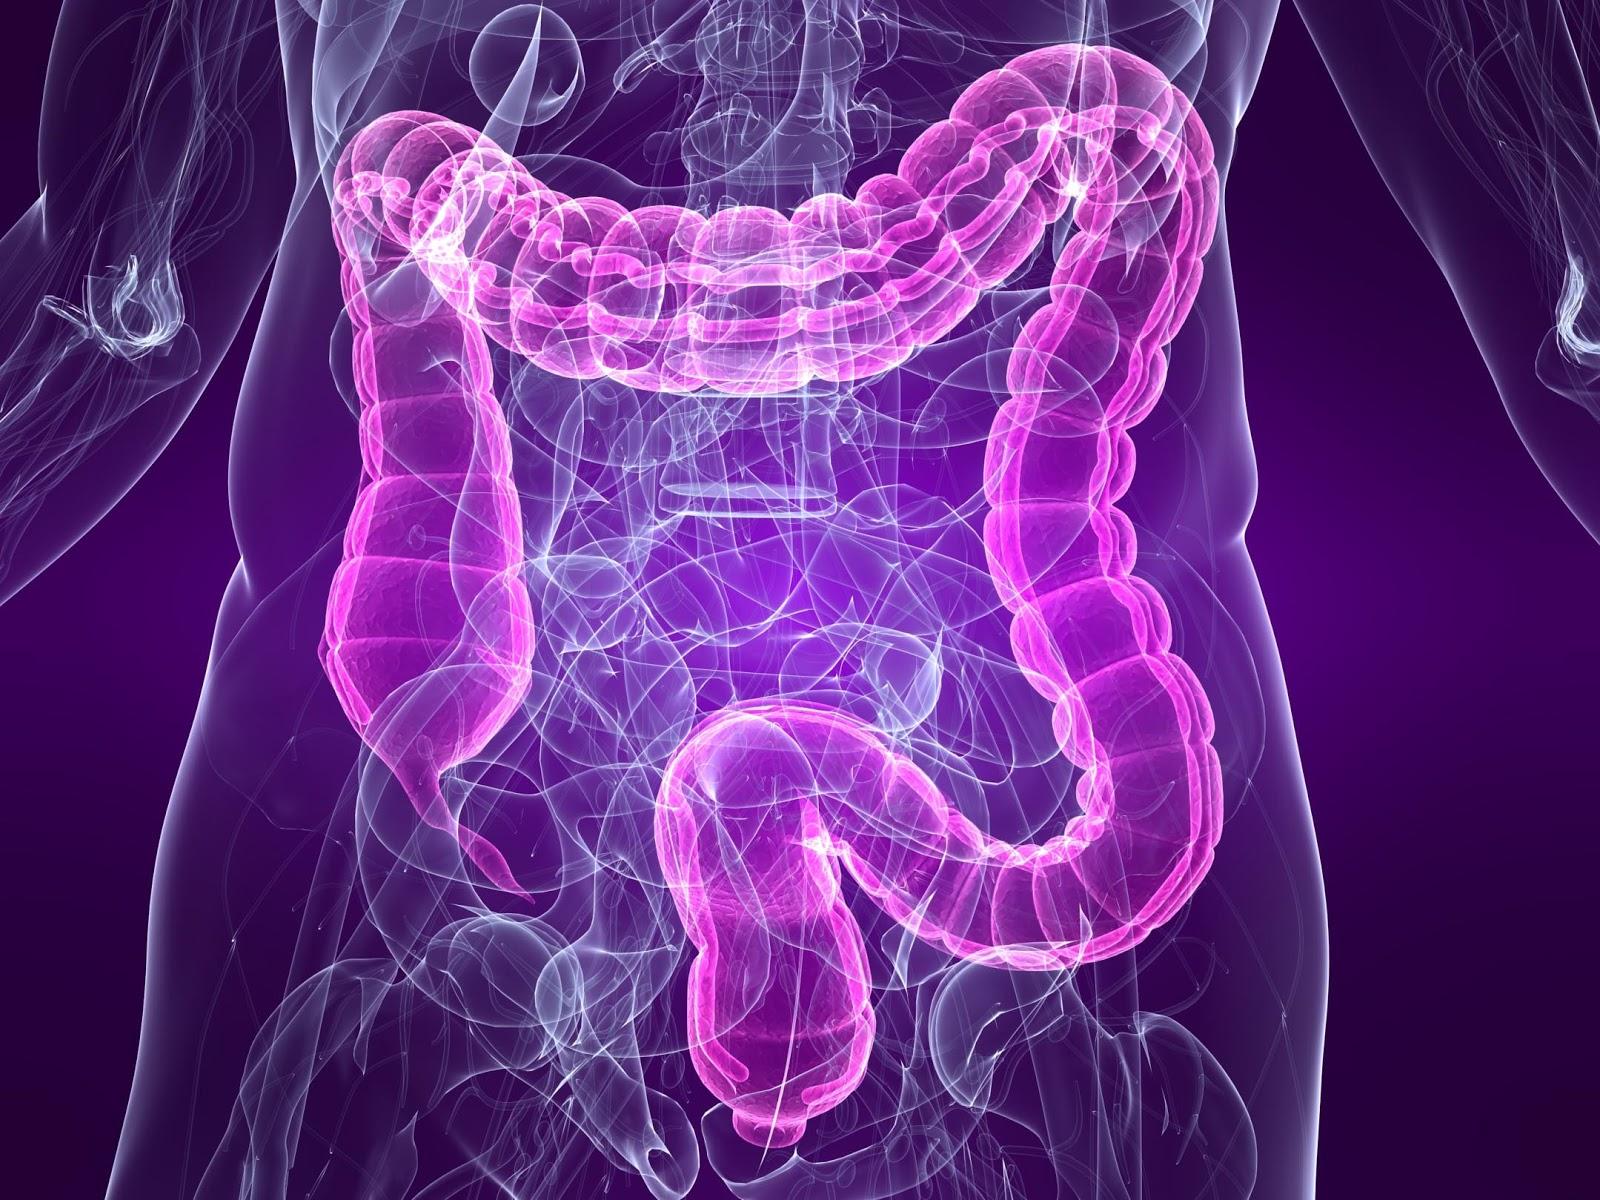 mix_bowel-diagram.jpg